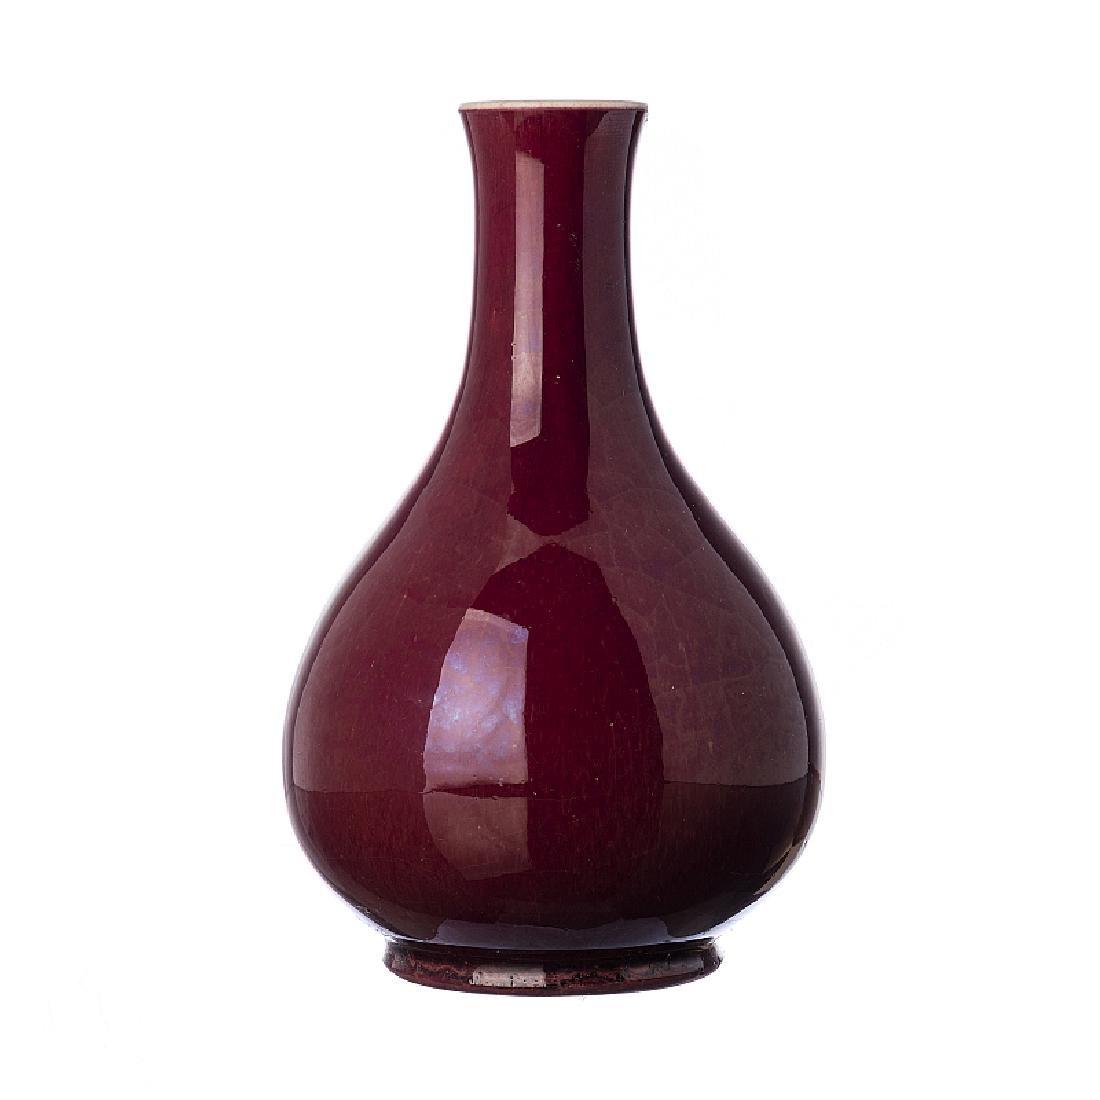 Sang-de-boeuf' vase in Chinese porcelain